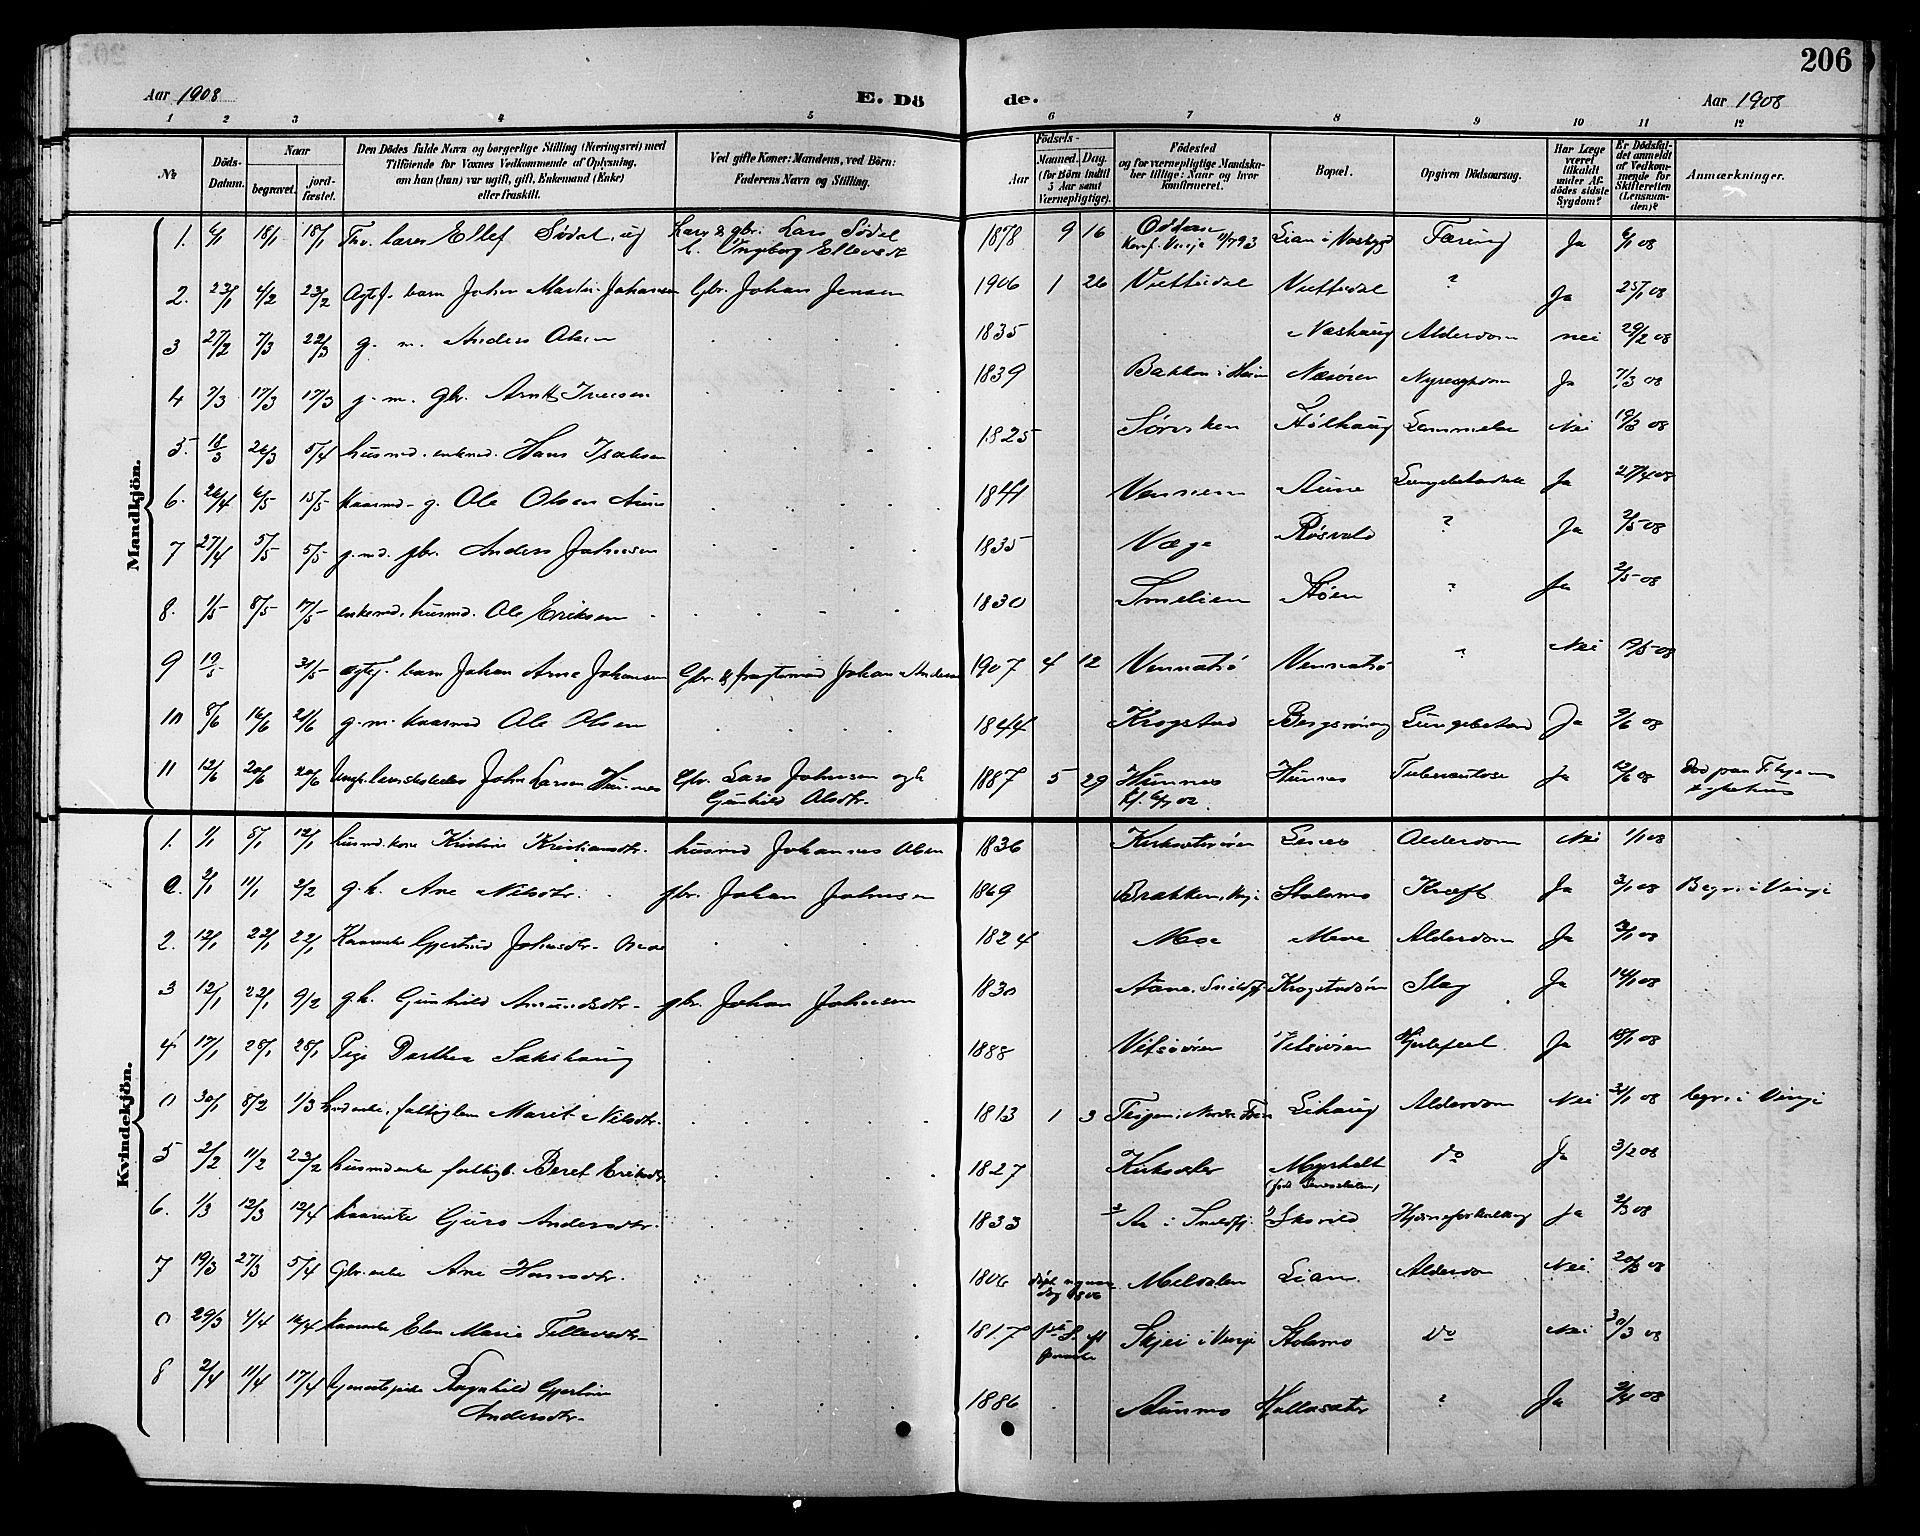 SAT, Ministerialprotokoller, klokkerbøker og fødselsregistre - Sør-Trøndelag, 630/L0505: Klokkerbok nr. 630C03, 1899-1914, s. 206